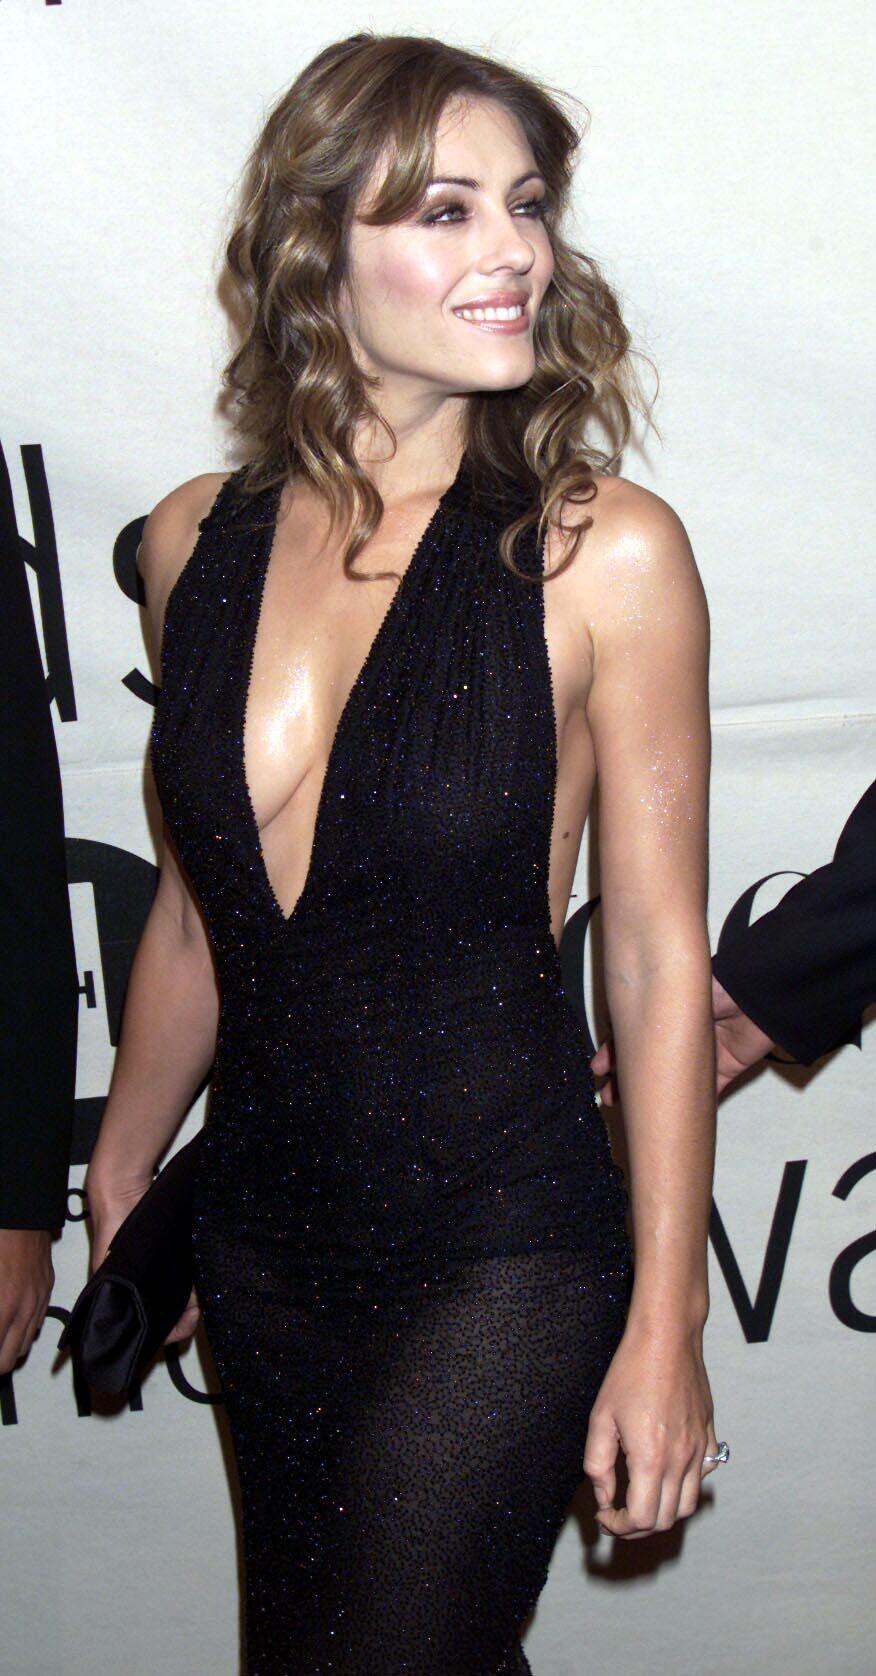 Liz hurley versace dress - Elizabeth Hurley Hot On Actressbrasize Com Http Actressbrasize Com 2014